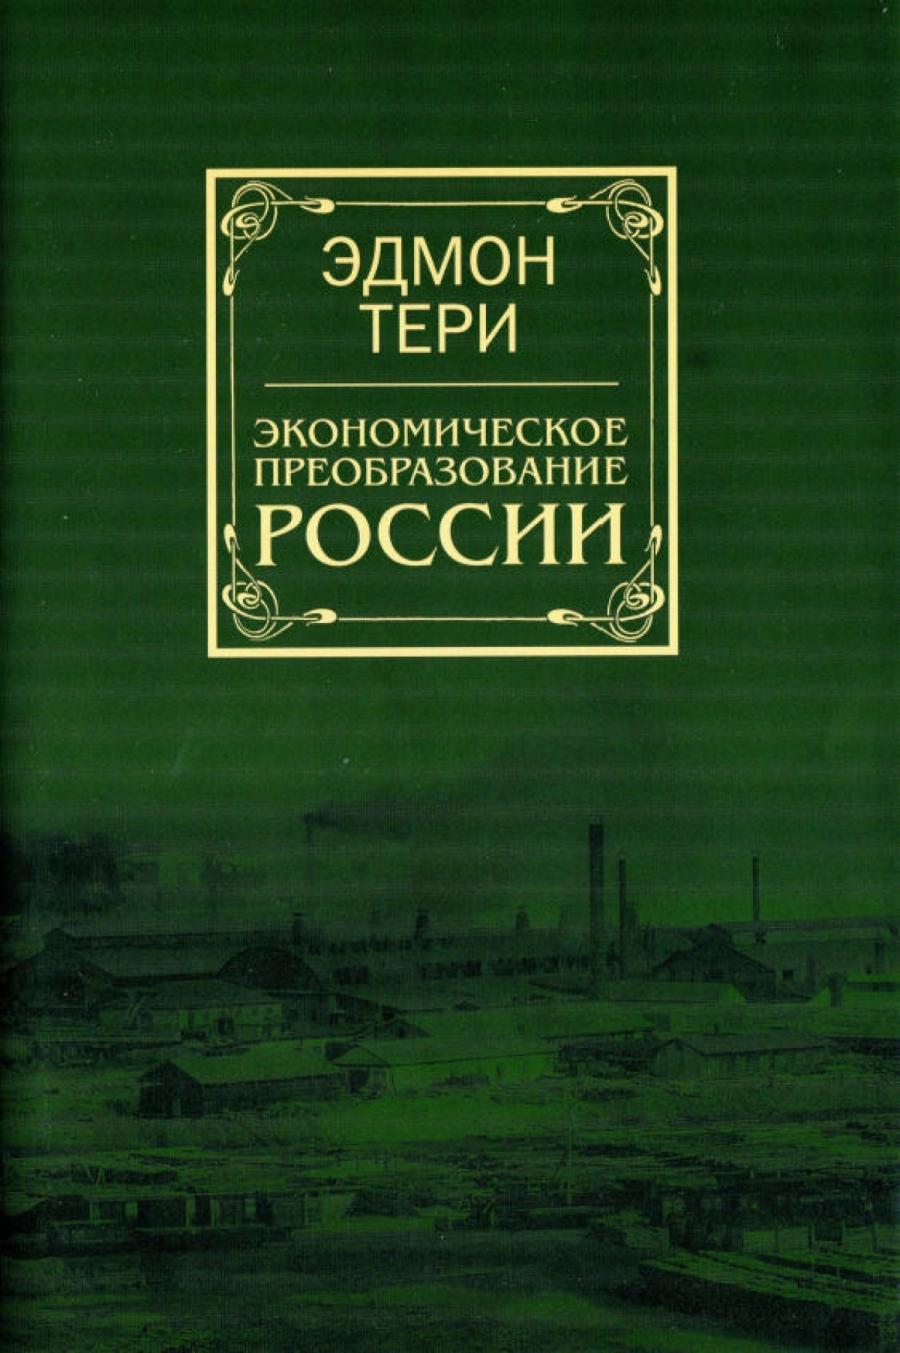 Обложка книги:  тери э. - экономическое преобразование россии